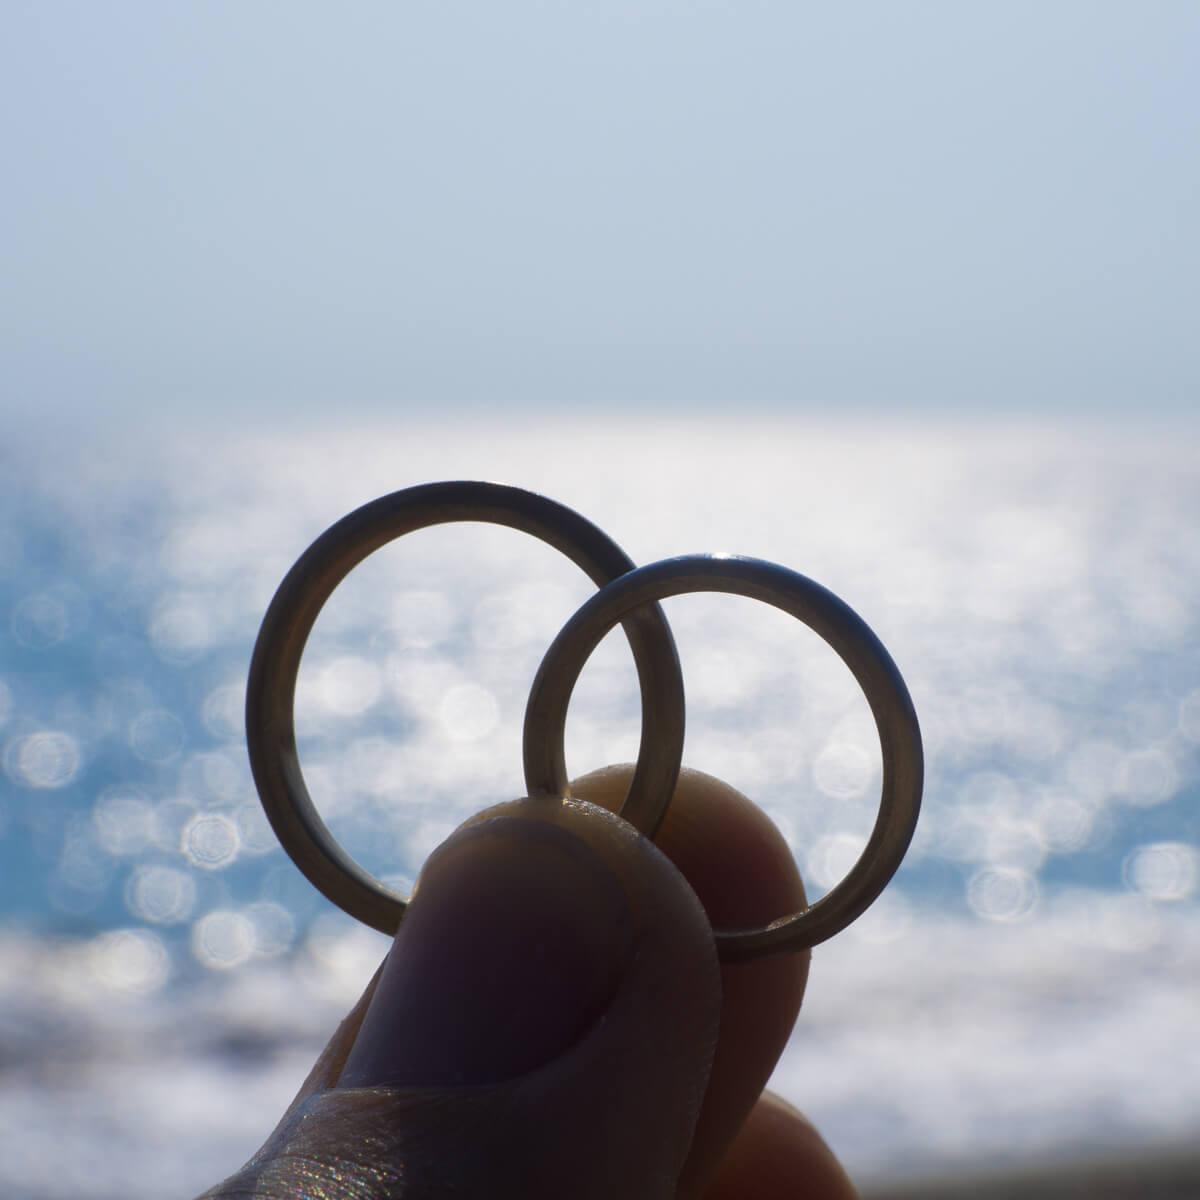 屋久島の海、空、 オーダーメイド結婚指輪を手に プラチナ、ゴールド 屋久島でつくる結婚指輪